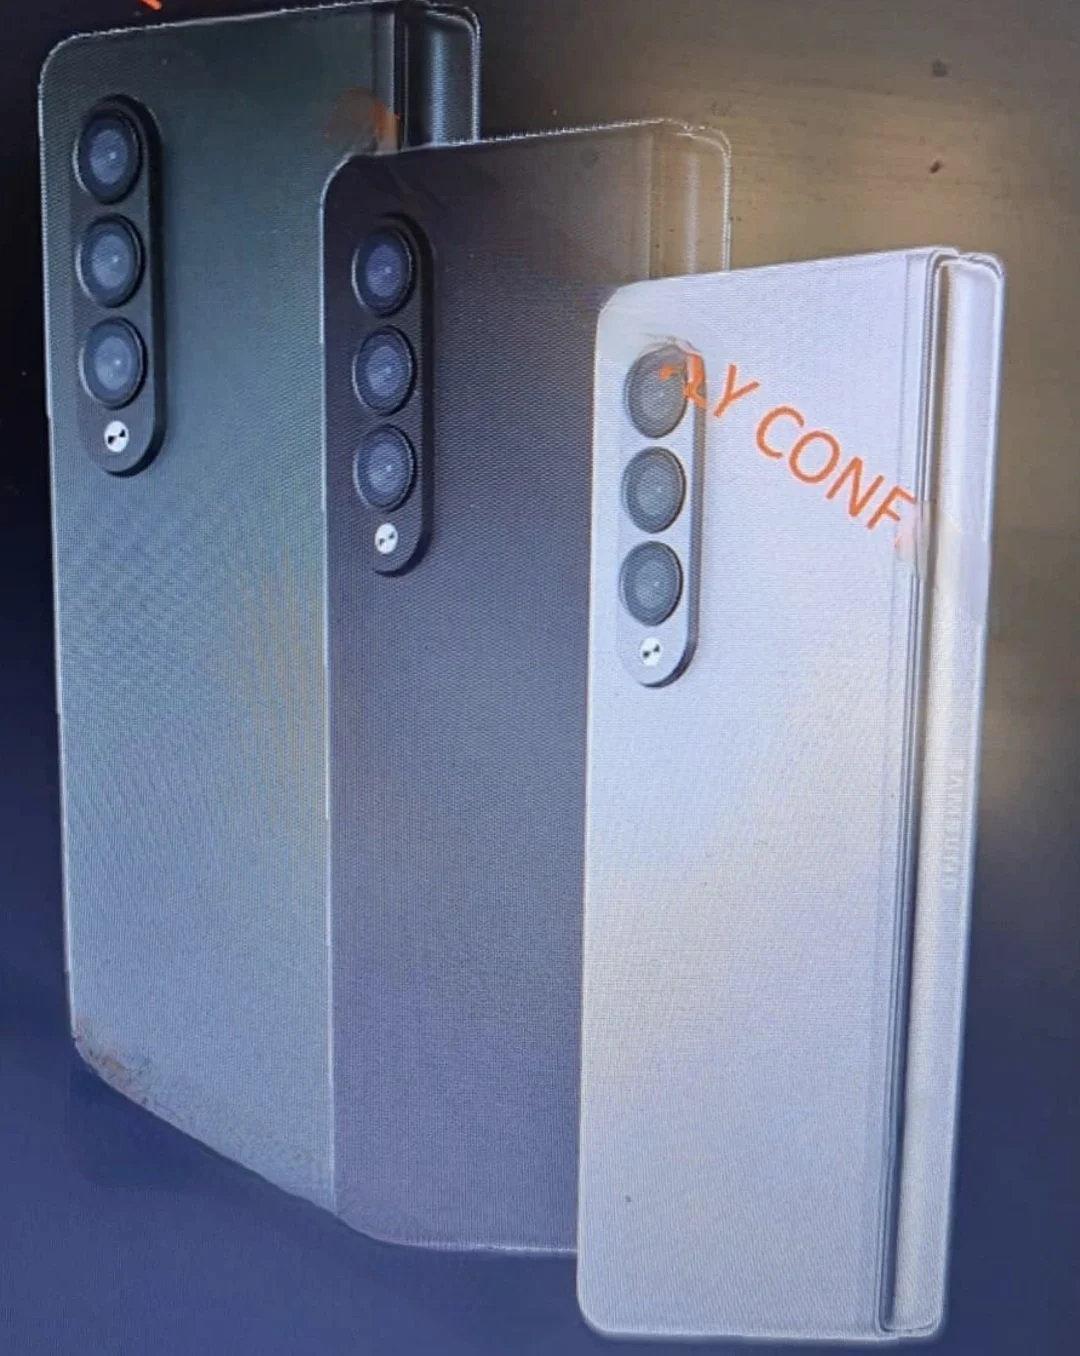 Πρόκειται για μια τριπλή ενότητα φωτογραφιών που ονομάζεται Galaxy Z Fold 3.  τοποθετημένο στο πίσω μέρος του